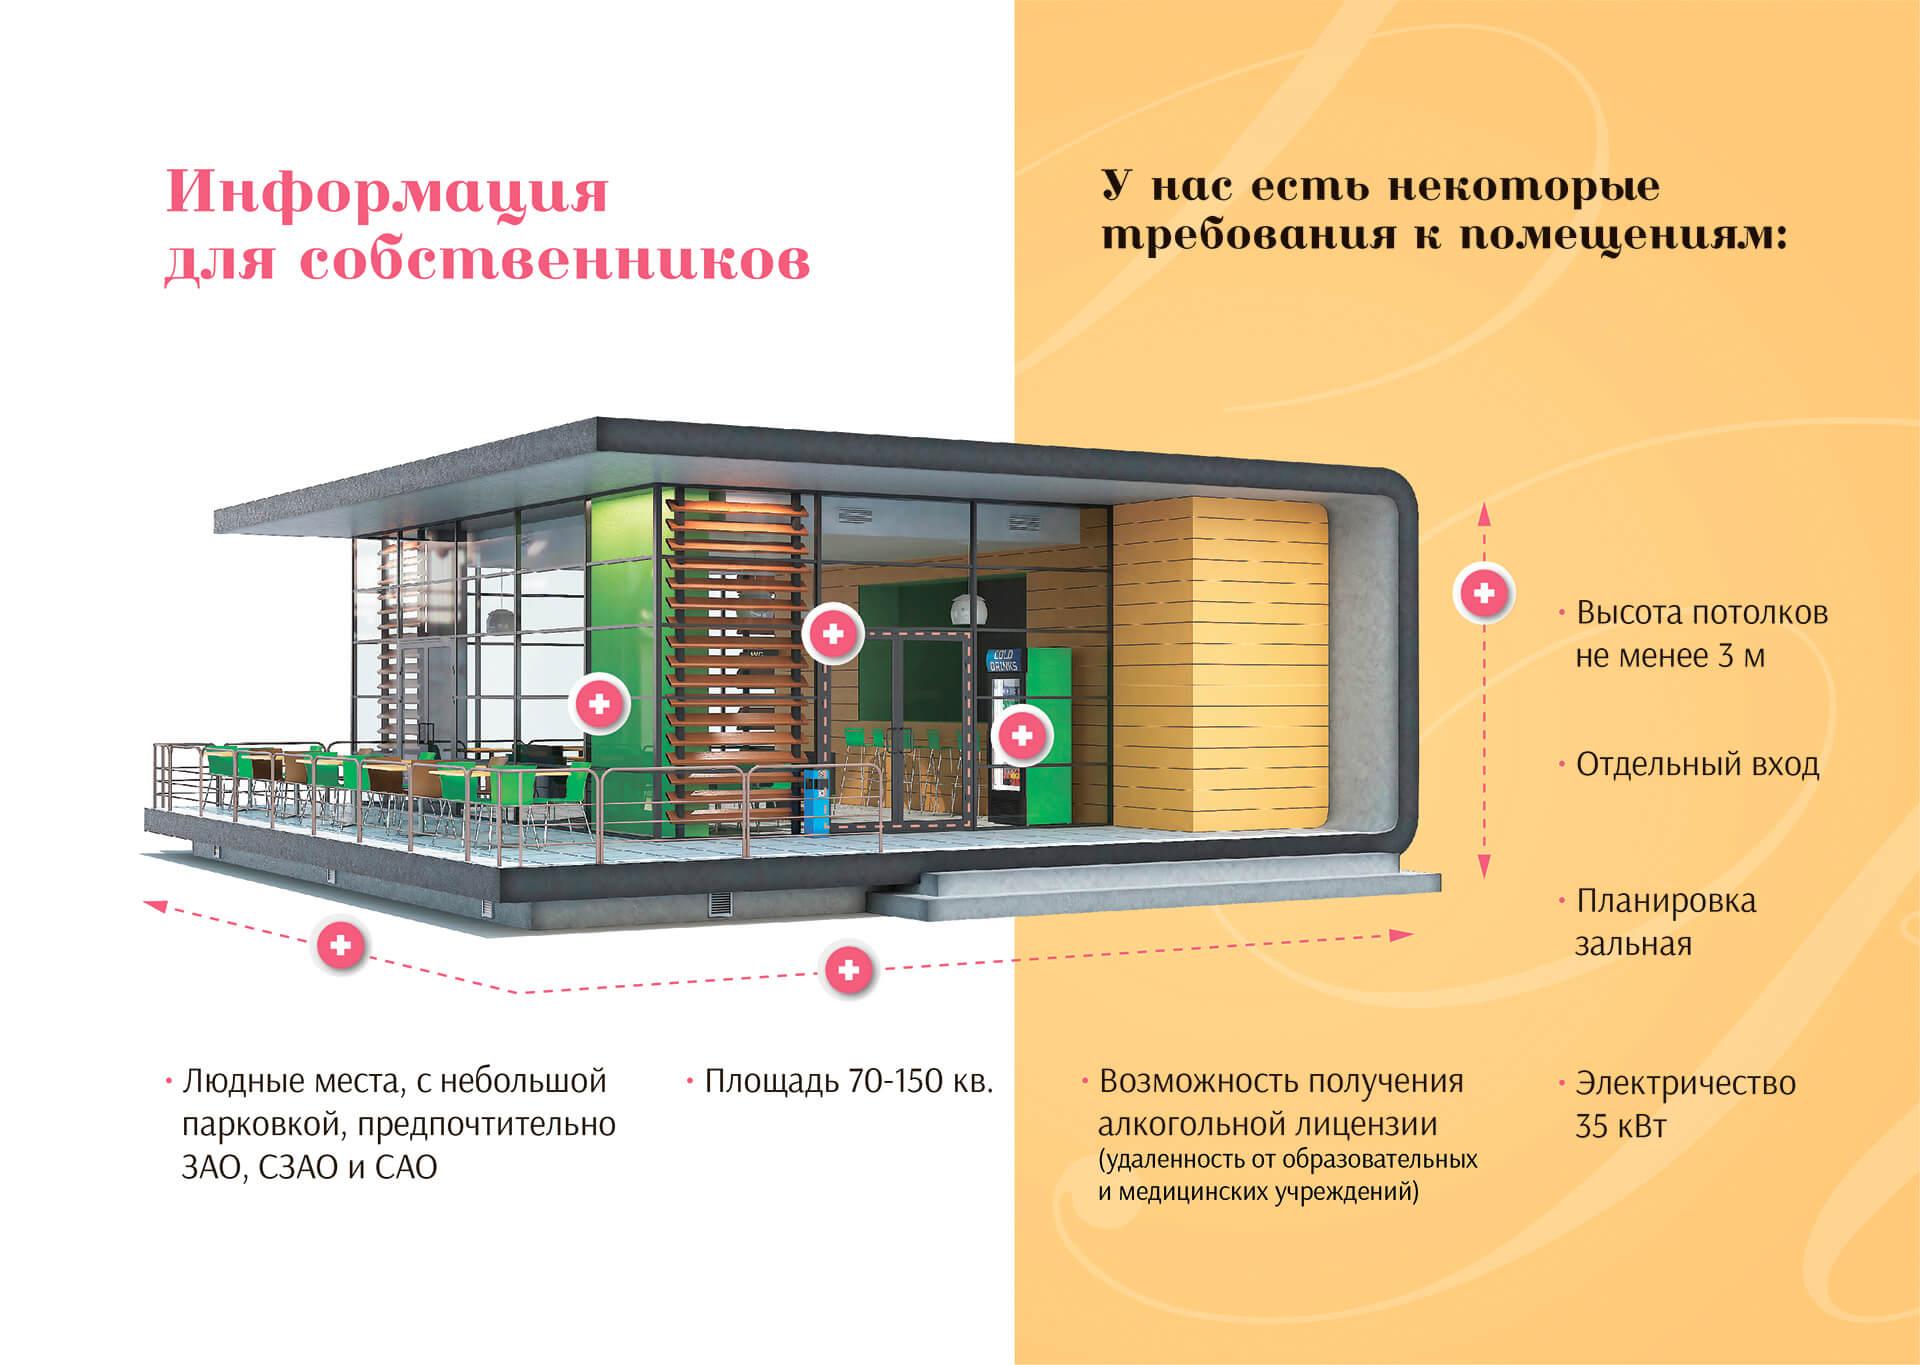 Заказать презентацию магазина под ключ в Москве по выгодной цене